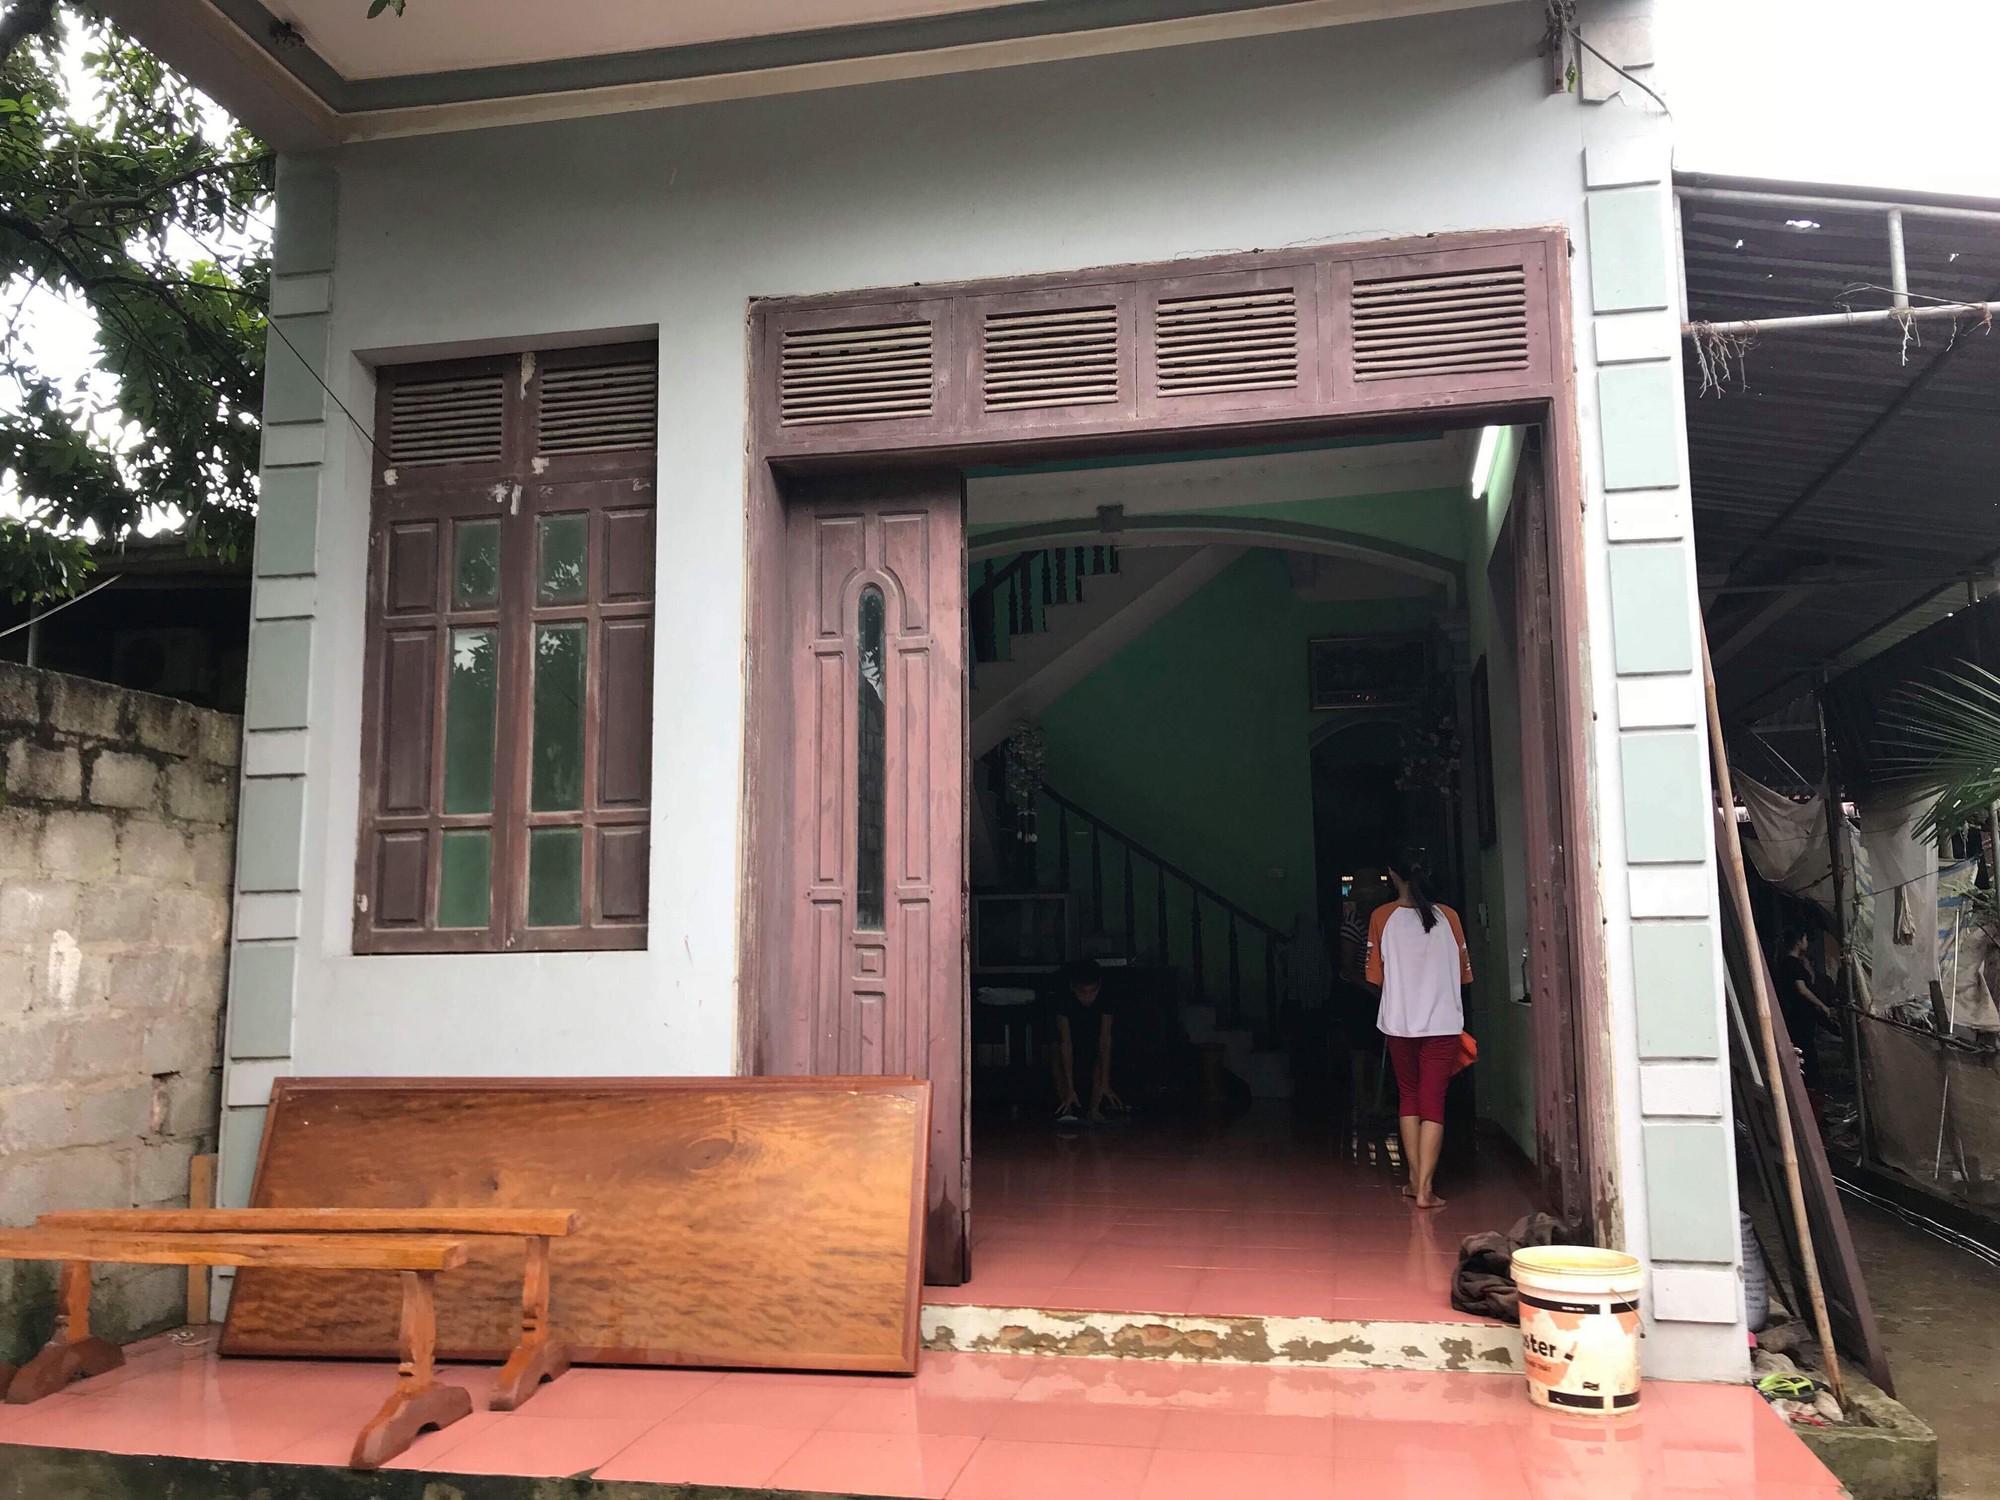 Vụ đôi vợ chồng ở Hưng Yên bị sát hại trong đêm: Hung thủ ra tay khi các nạn nhân cùng 2 con nhỏ ngủ ở tầng 1 của căn nhà - Ảnh 1.